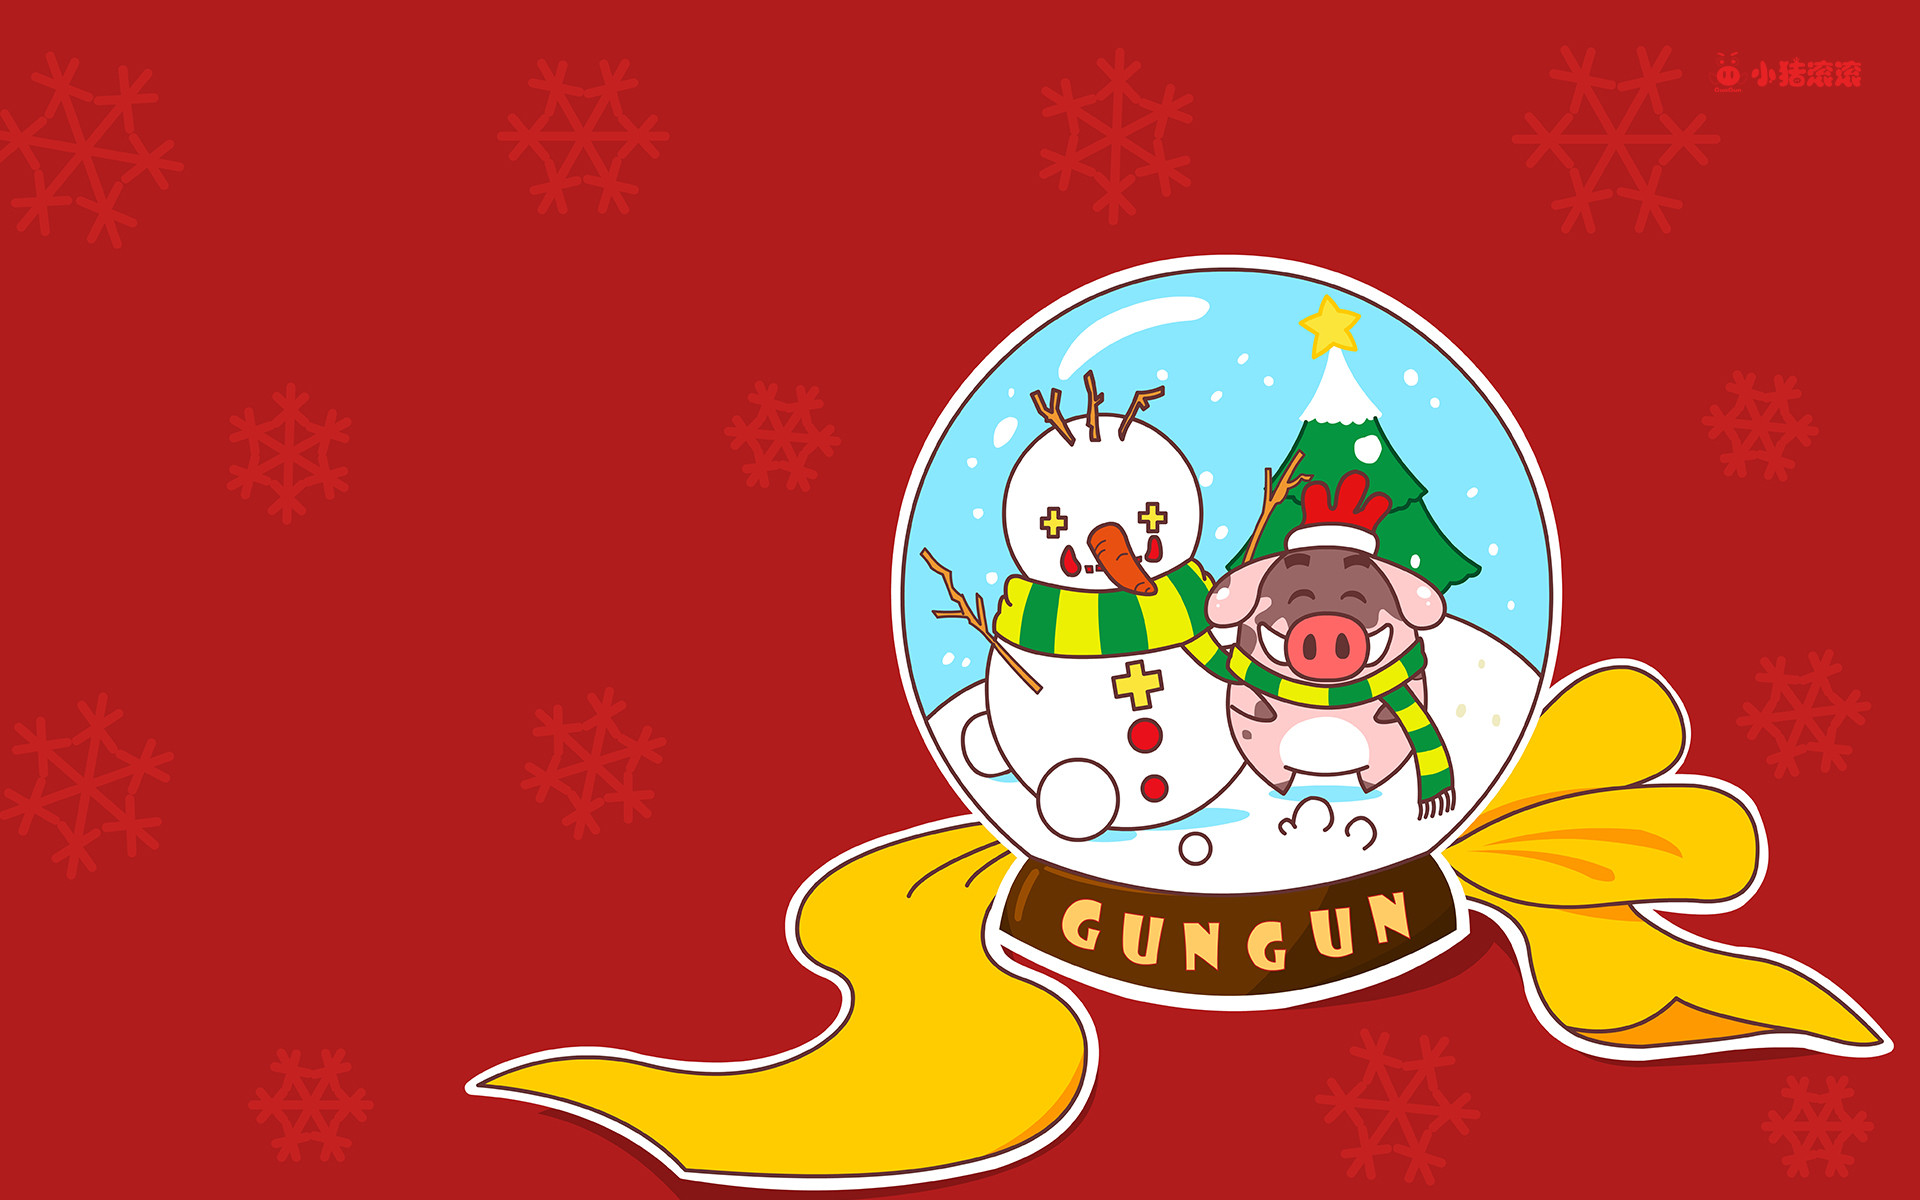 小猪滚滚圣诞节PPT背景图片免费下载是由PPT宝藏(www.pptbz.com)会员zengmin上传推荐的节日PPT背景图片, 更新时间为2016-09-22,素材编号103172。 圣诞节(Christmas)又称圣诞节,译名为基督弥撒,西方传统节日,在每年12月25日。弥撒是教会的一种礼拜仪式。圣诞节是一个宗教节,因为把它当作耶稣的诞辰来庆祝,故名耶诞节。 大部分的天主教教堂都会先在24日的平安夜,亦即12月25日凌晨举行子夜弥撒,而一些基督教会则会举行报佳音,然后在12月25日庆祝圣诞节;基